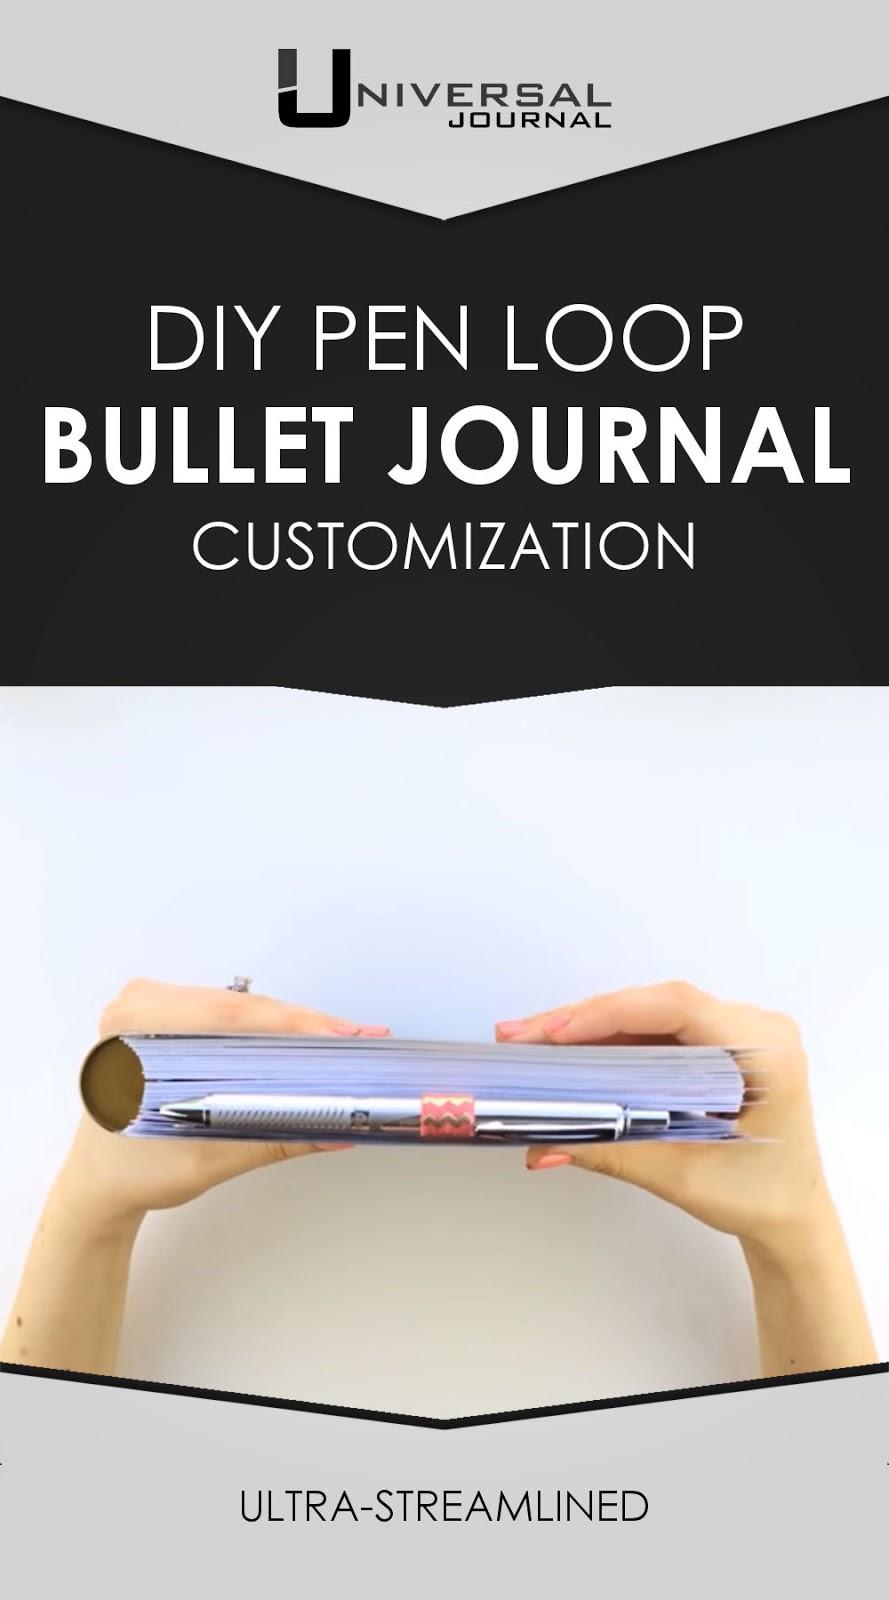 bullet journal diy pen loop custom